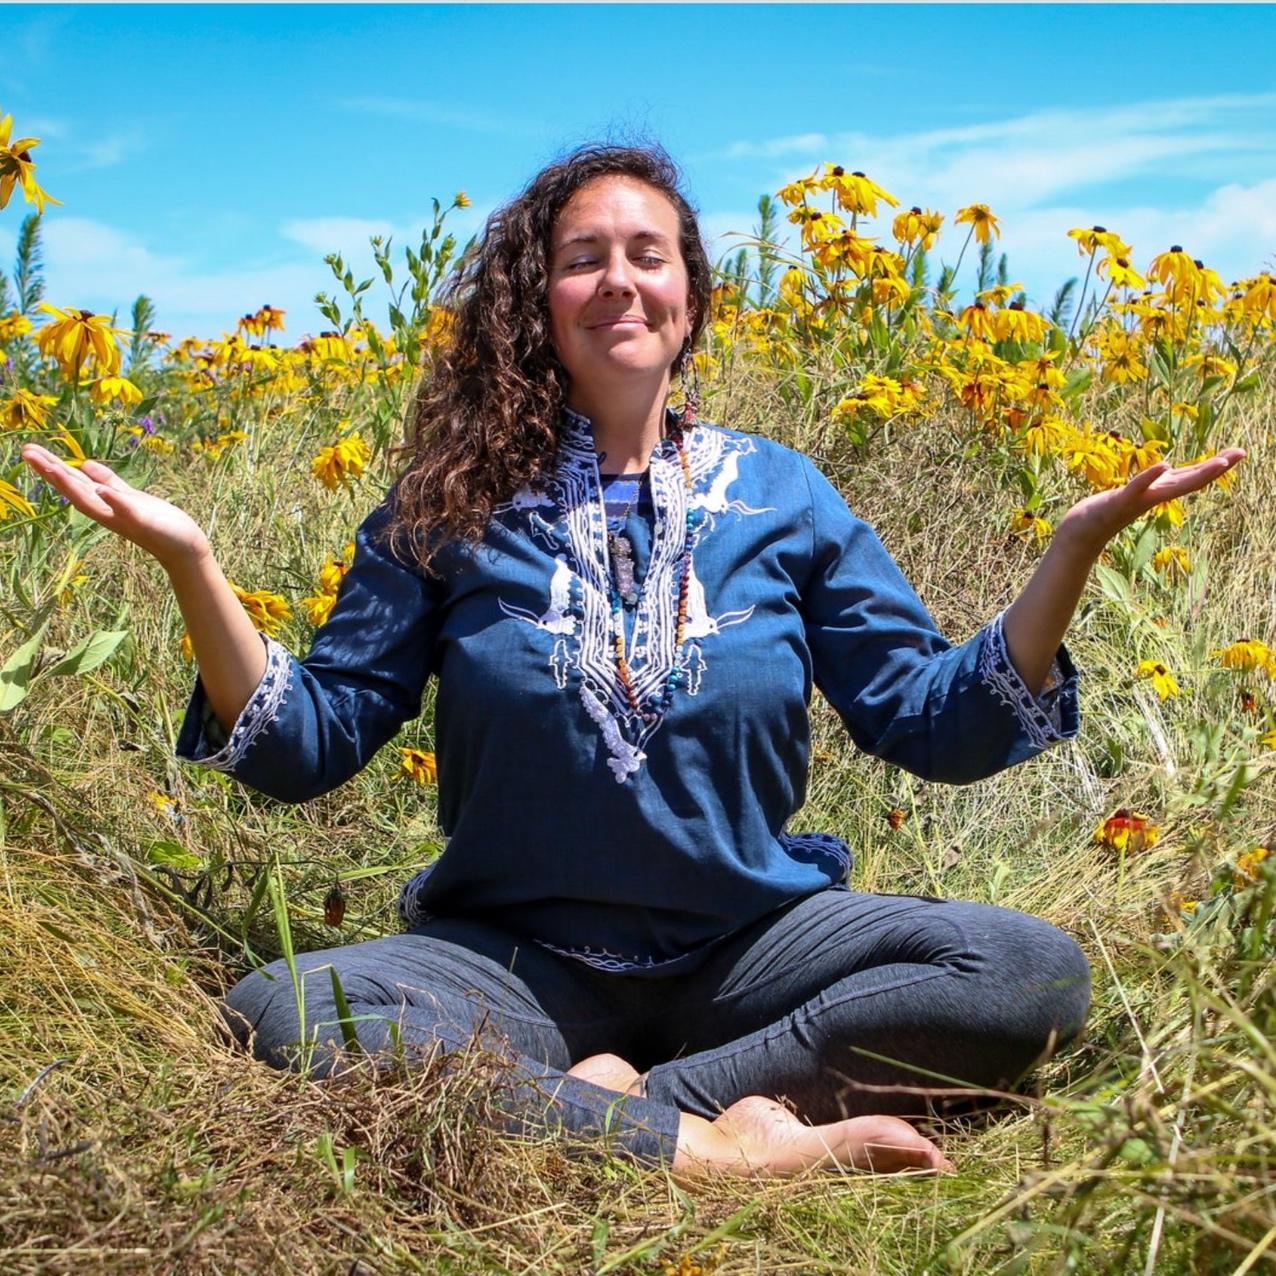 meditate+field.jpg